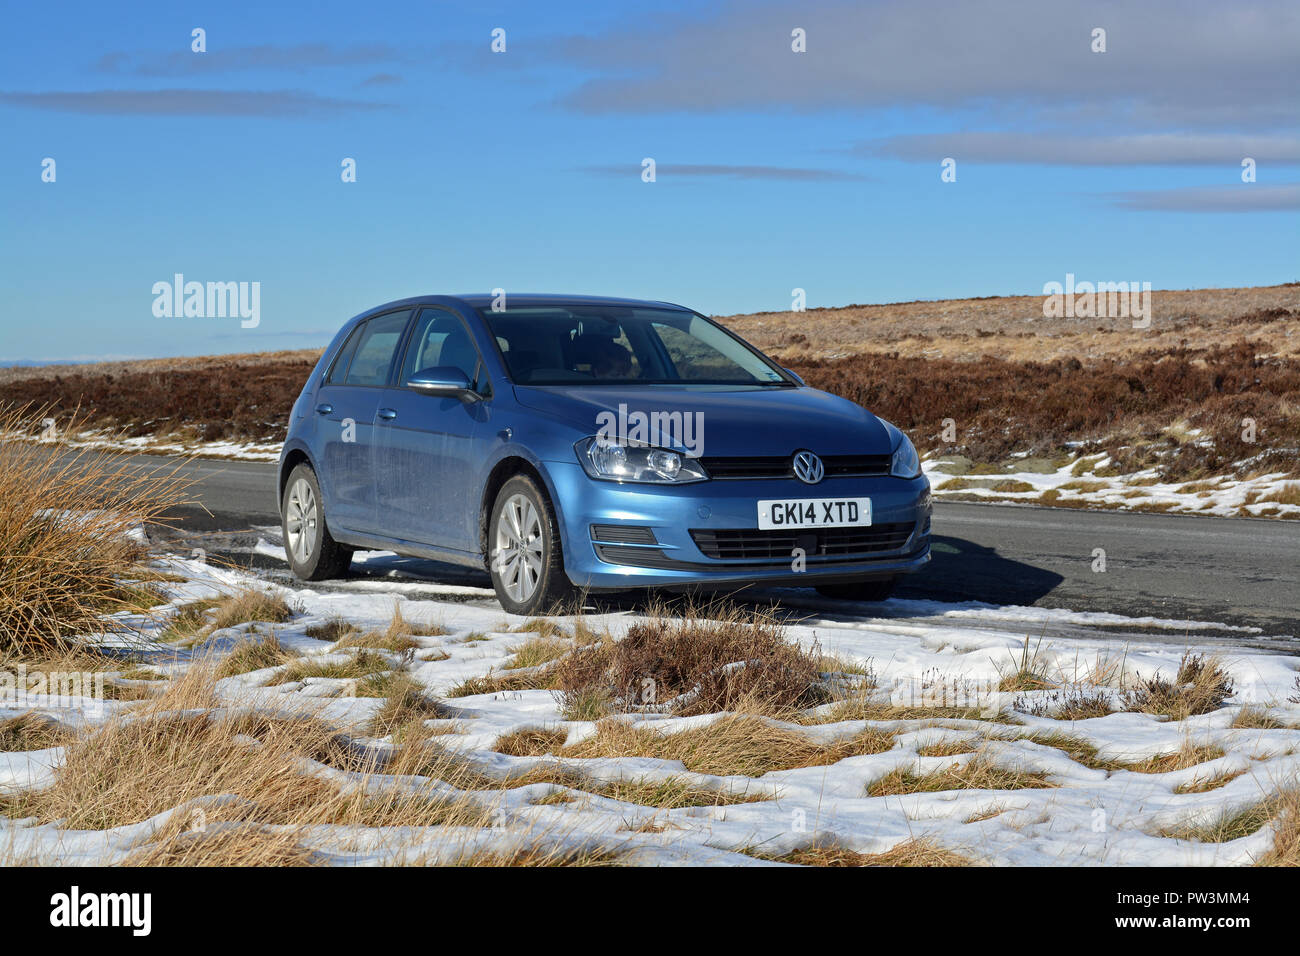 VW Golf TDi in snow - Stock Image